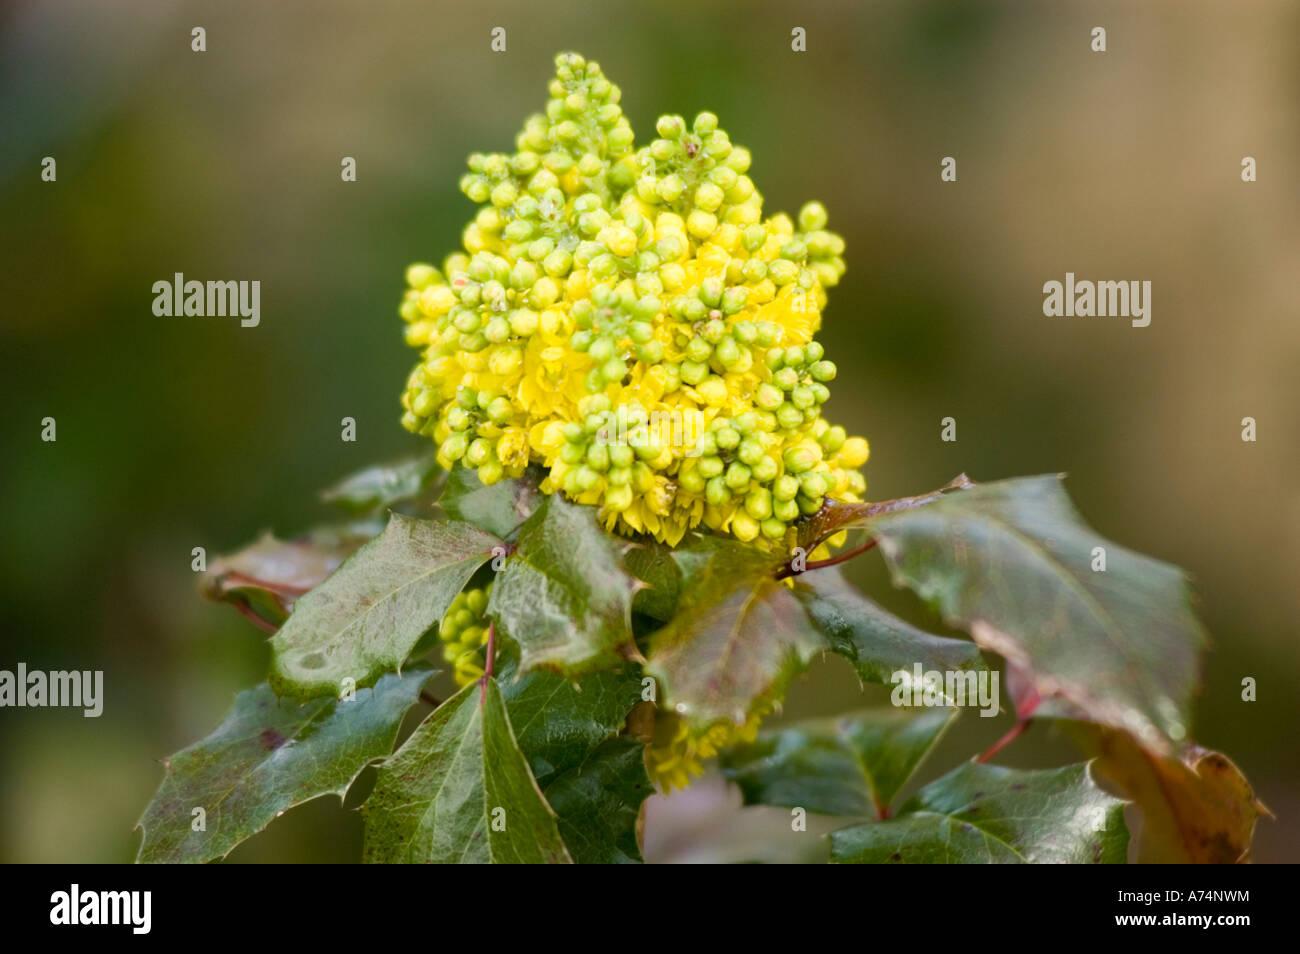 Yellow flowers of hollyleaved barberry or oregon grape or berberis yellow flowers of hollyleaved barberry or oregon grape or berberis mahonia aquifolium berberidaceae mightylinksfo